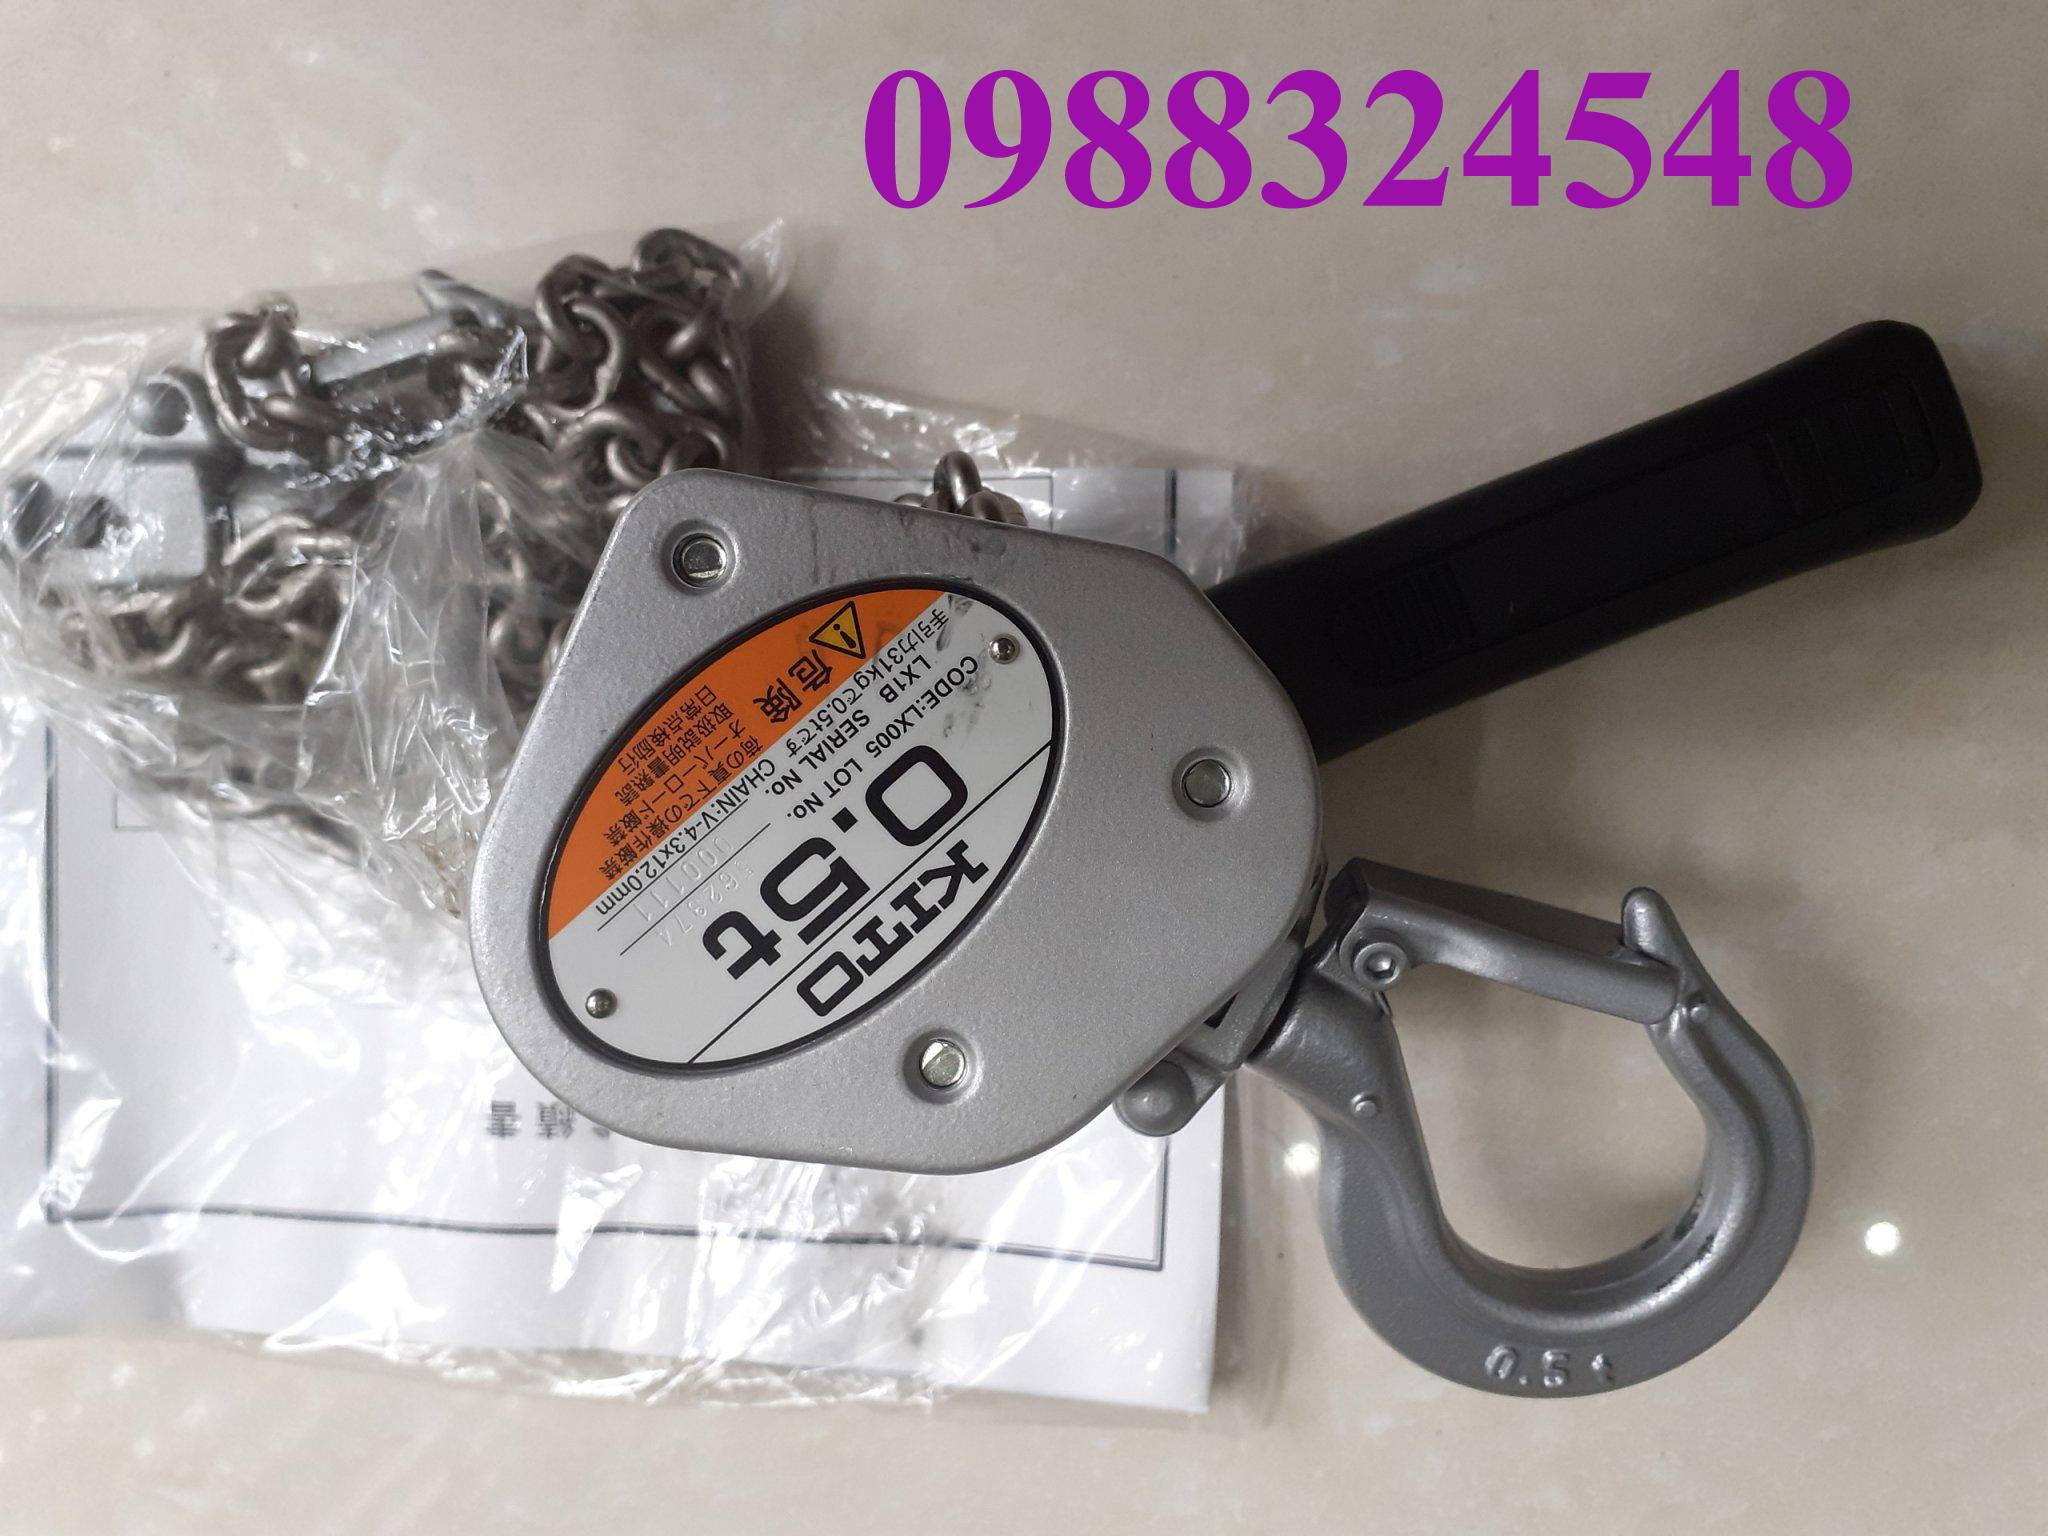 Pa lăng lắc tay Kito LX005, tải trọng: 0.5 tấn